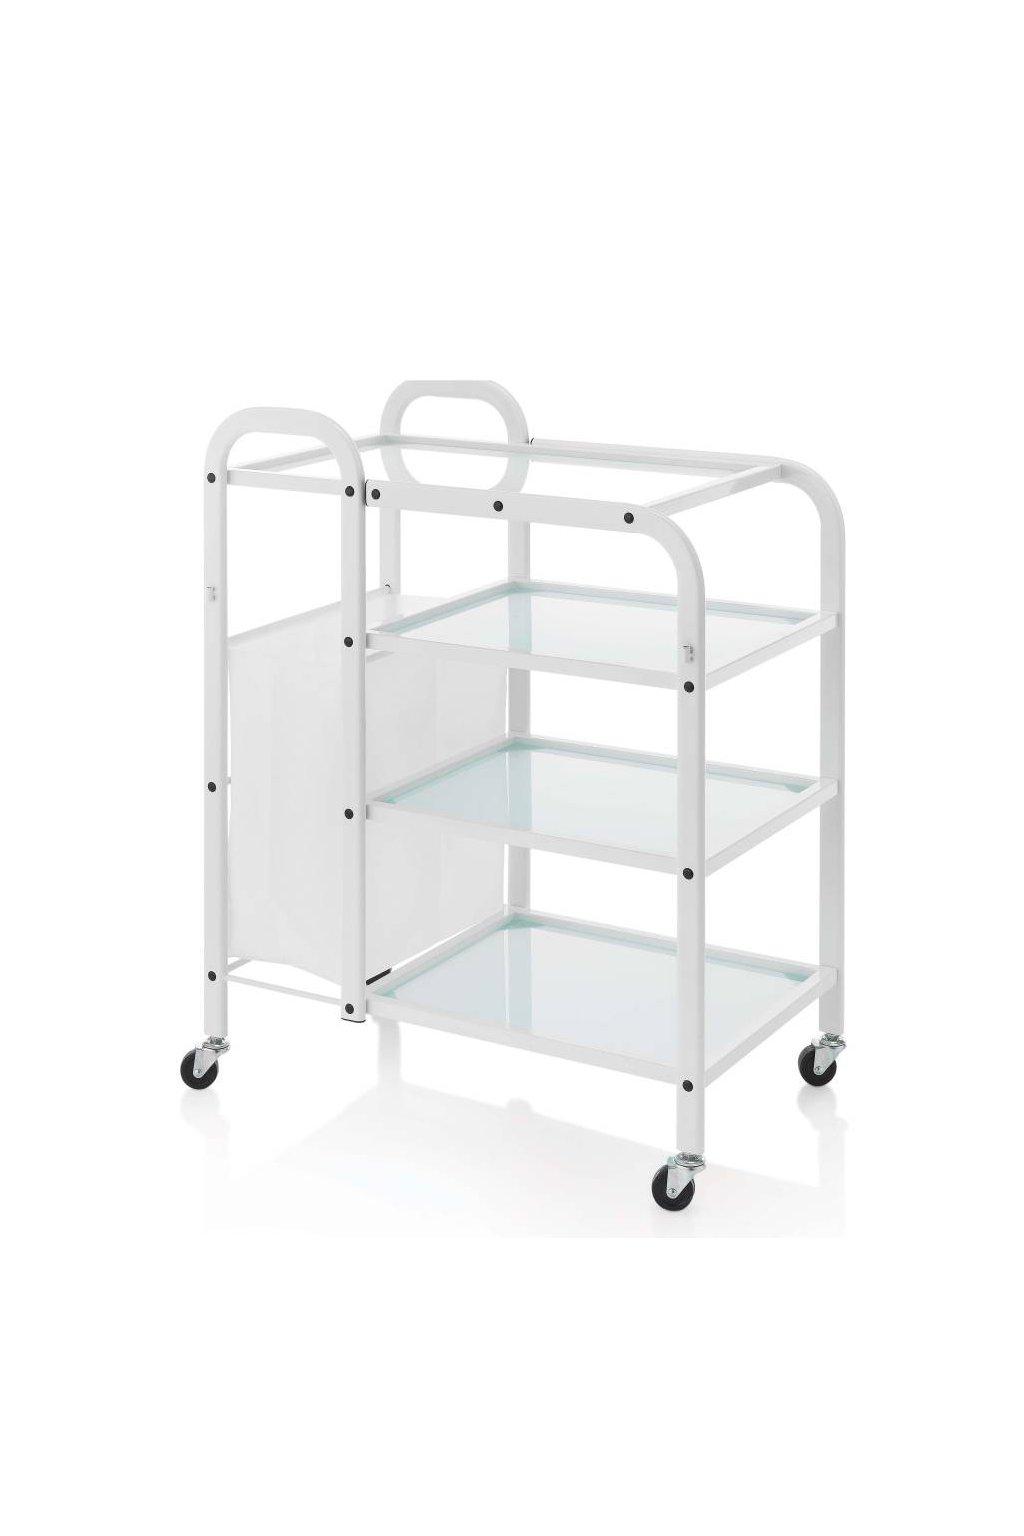 Kosmetický vozík TOP GLASS 3 police, hluboký koš (Barva Bílá)